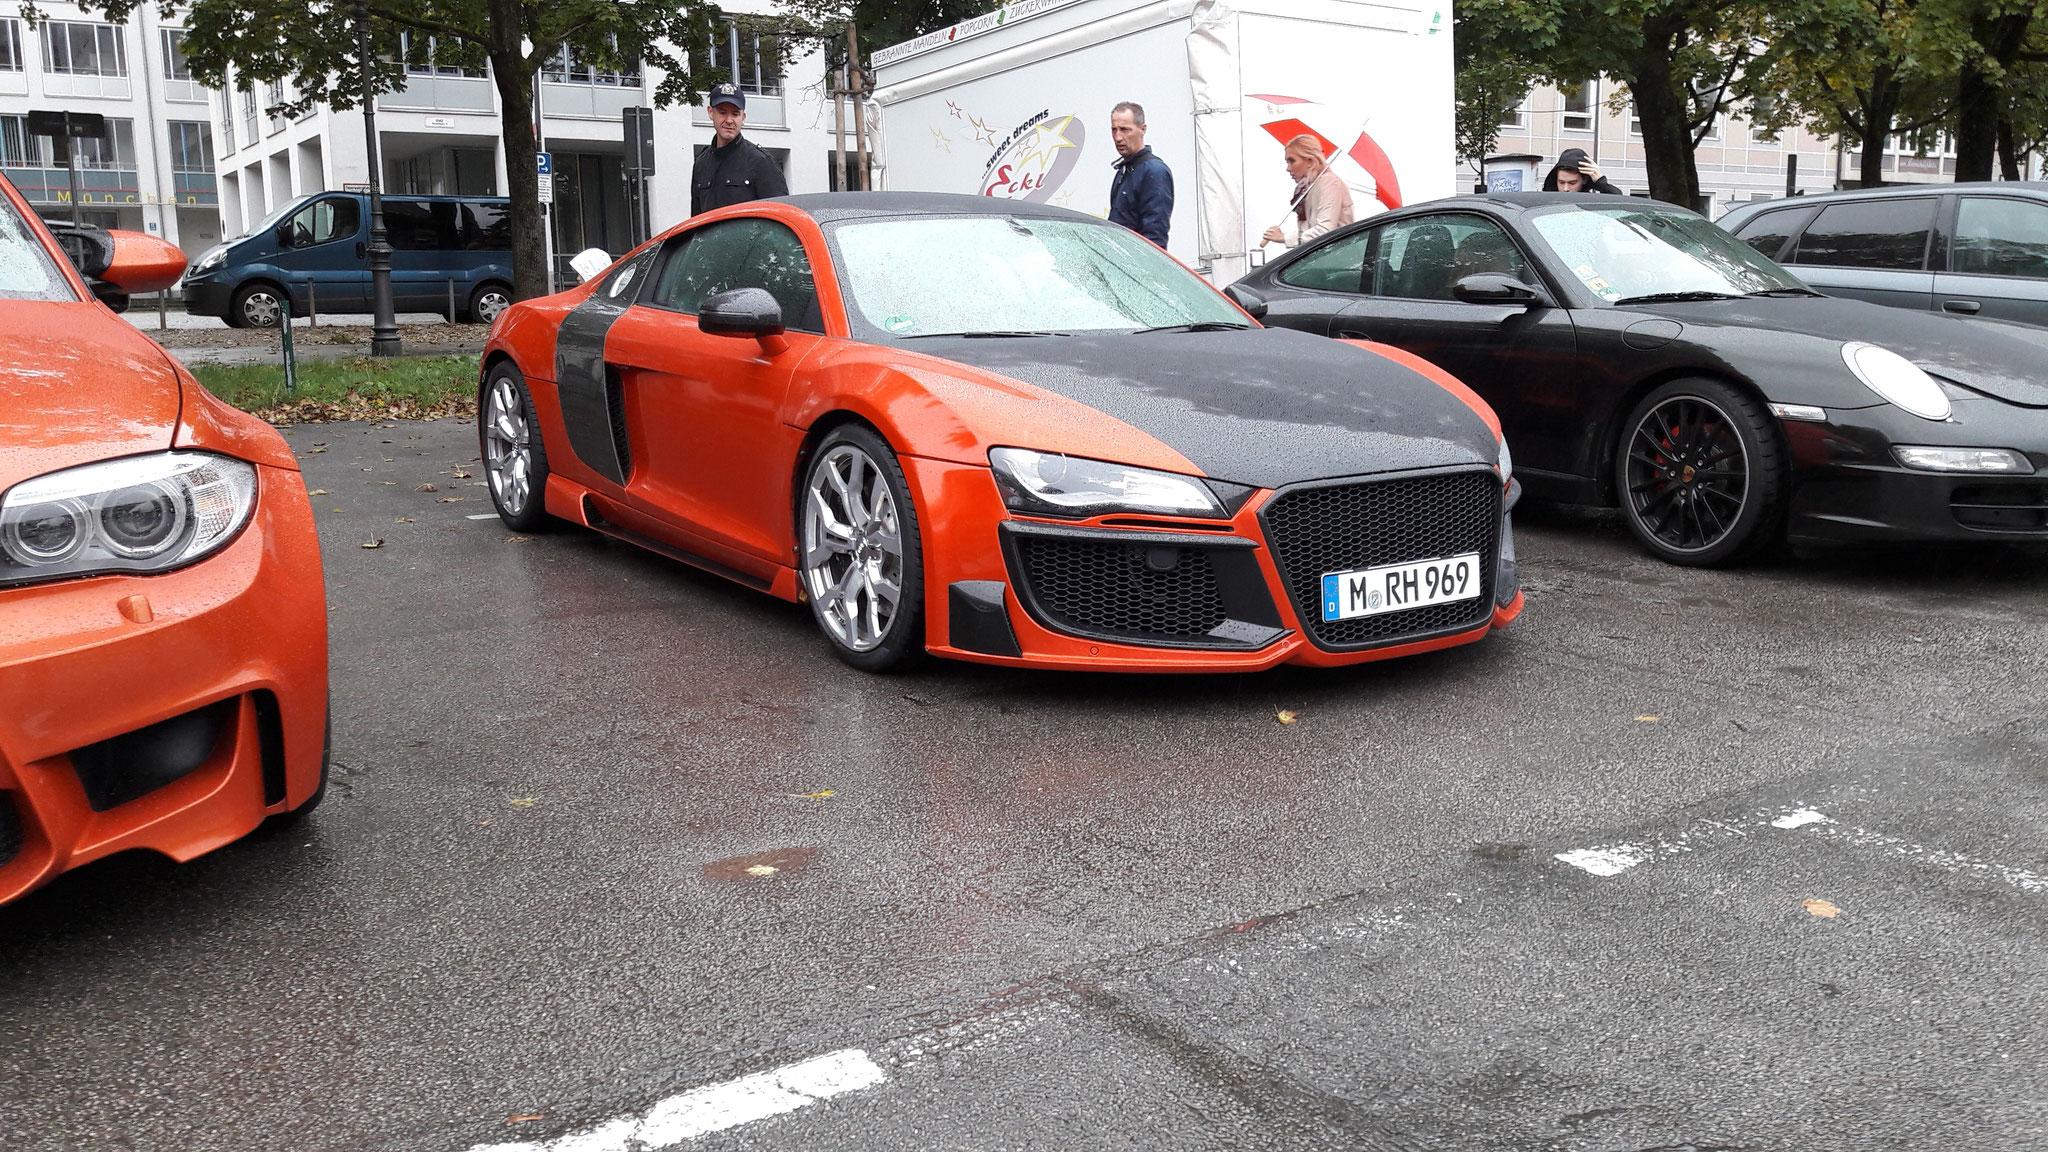 Audi R8 - M-RH-969